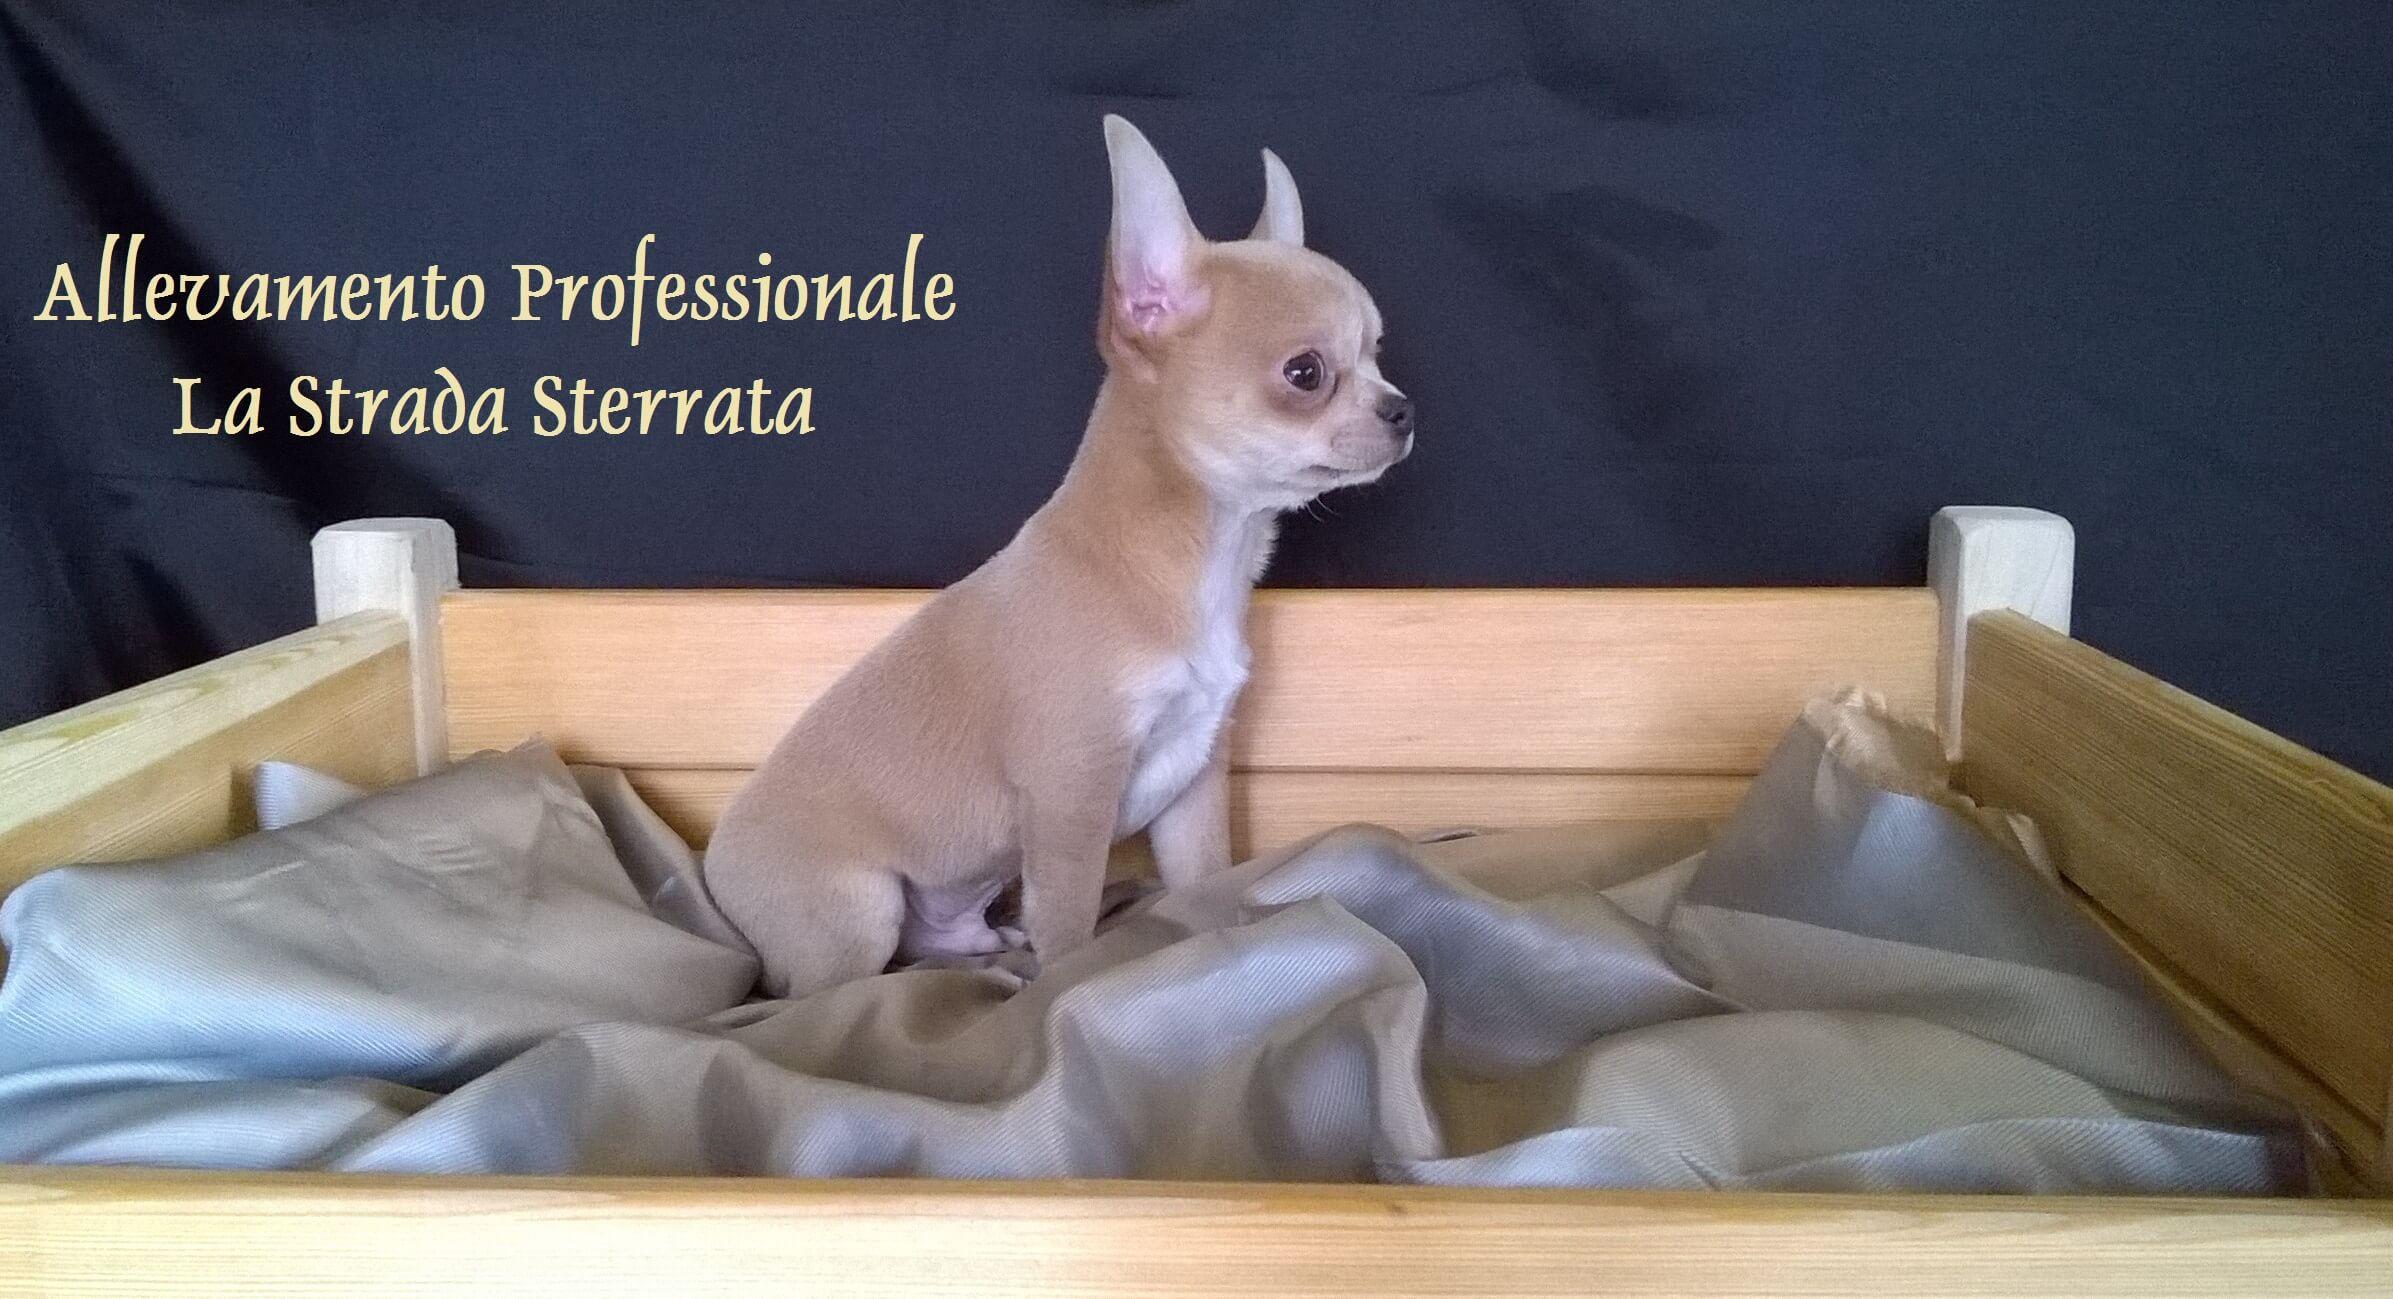 Chihuahua seduto su una coperta di stoffa